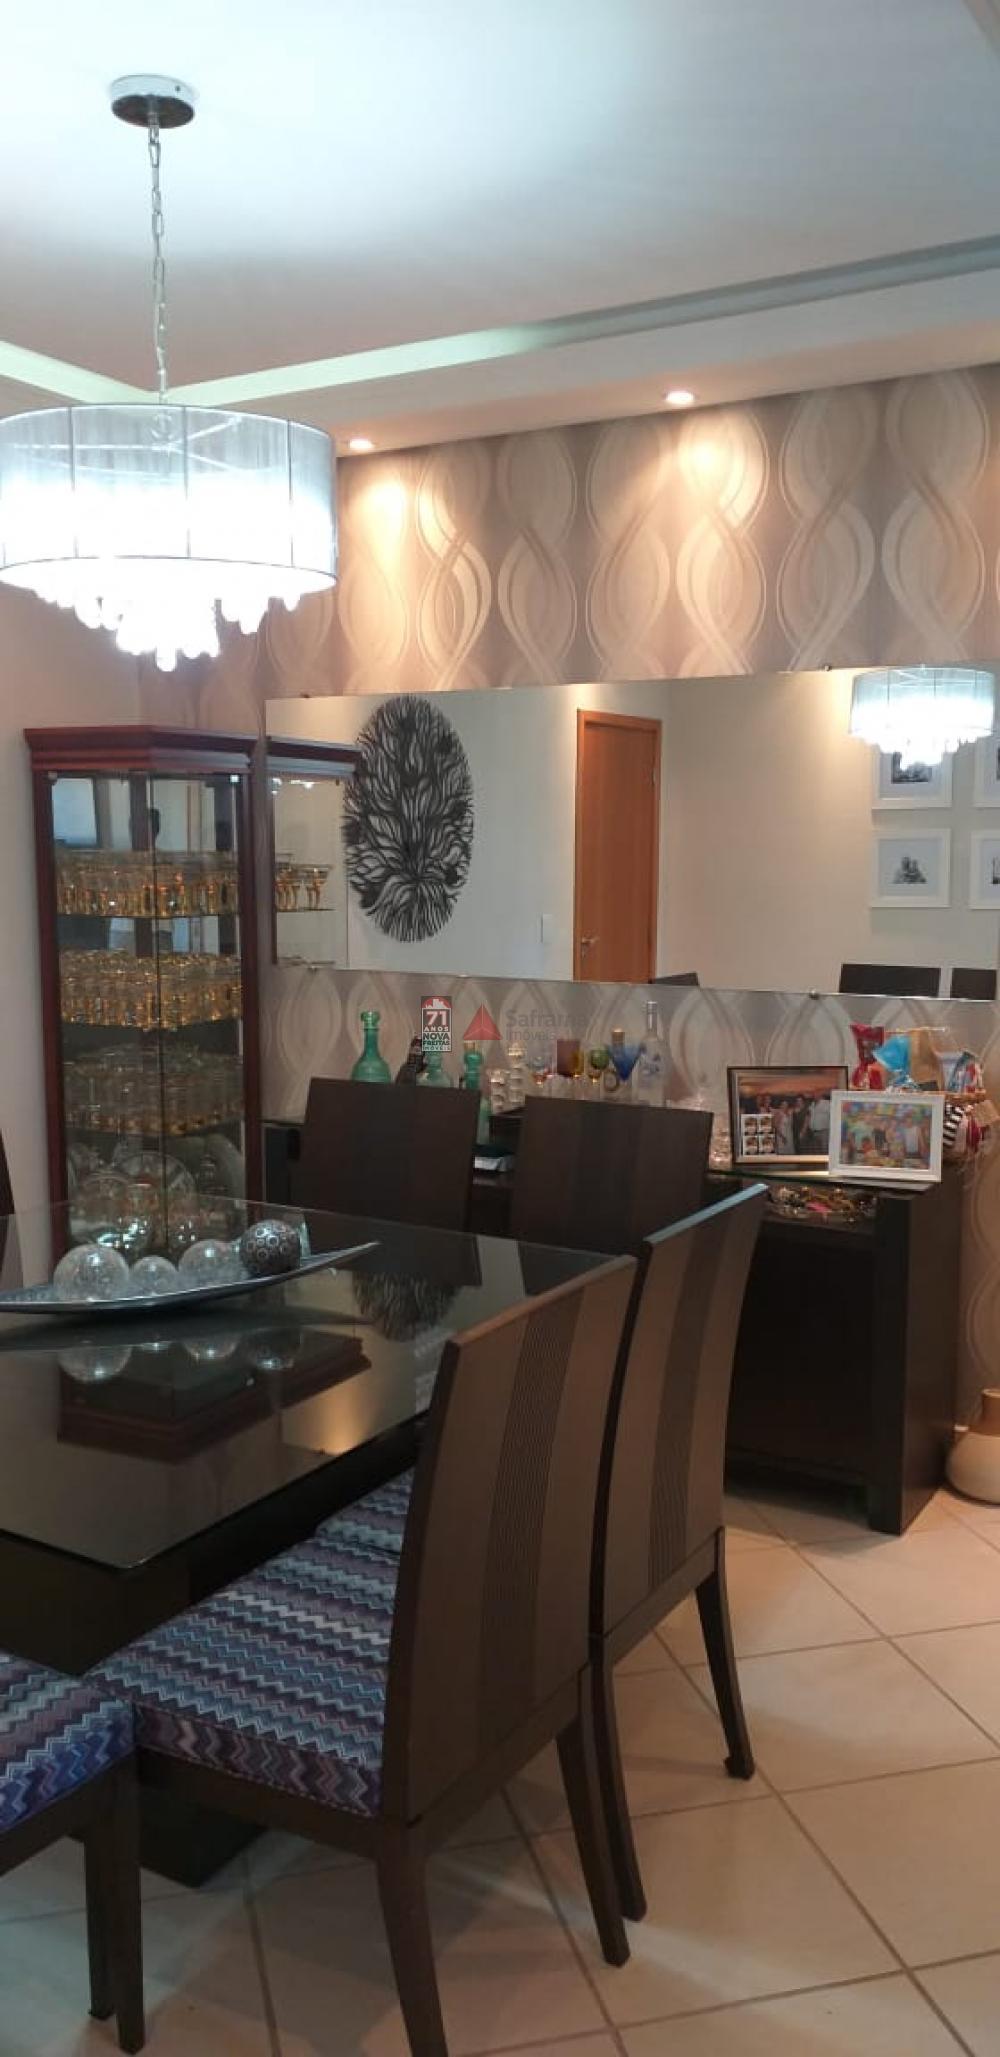 Comprar Apartamento / Padrão em São José dos Campos R$ 765.000,00 - Foto 4